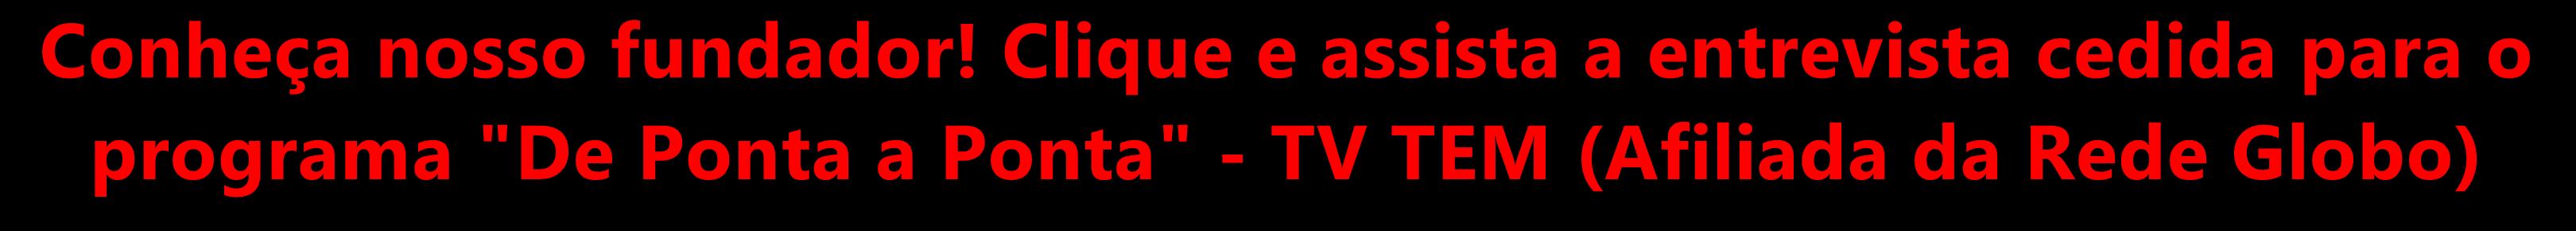 """Conheça nosso fundador! Entrevista cedida para o programa """"De Ponta a Ponta"""" - TV TEM (Afiliada da Rede Globo)"""